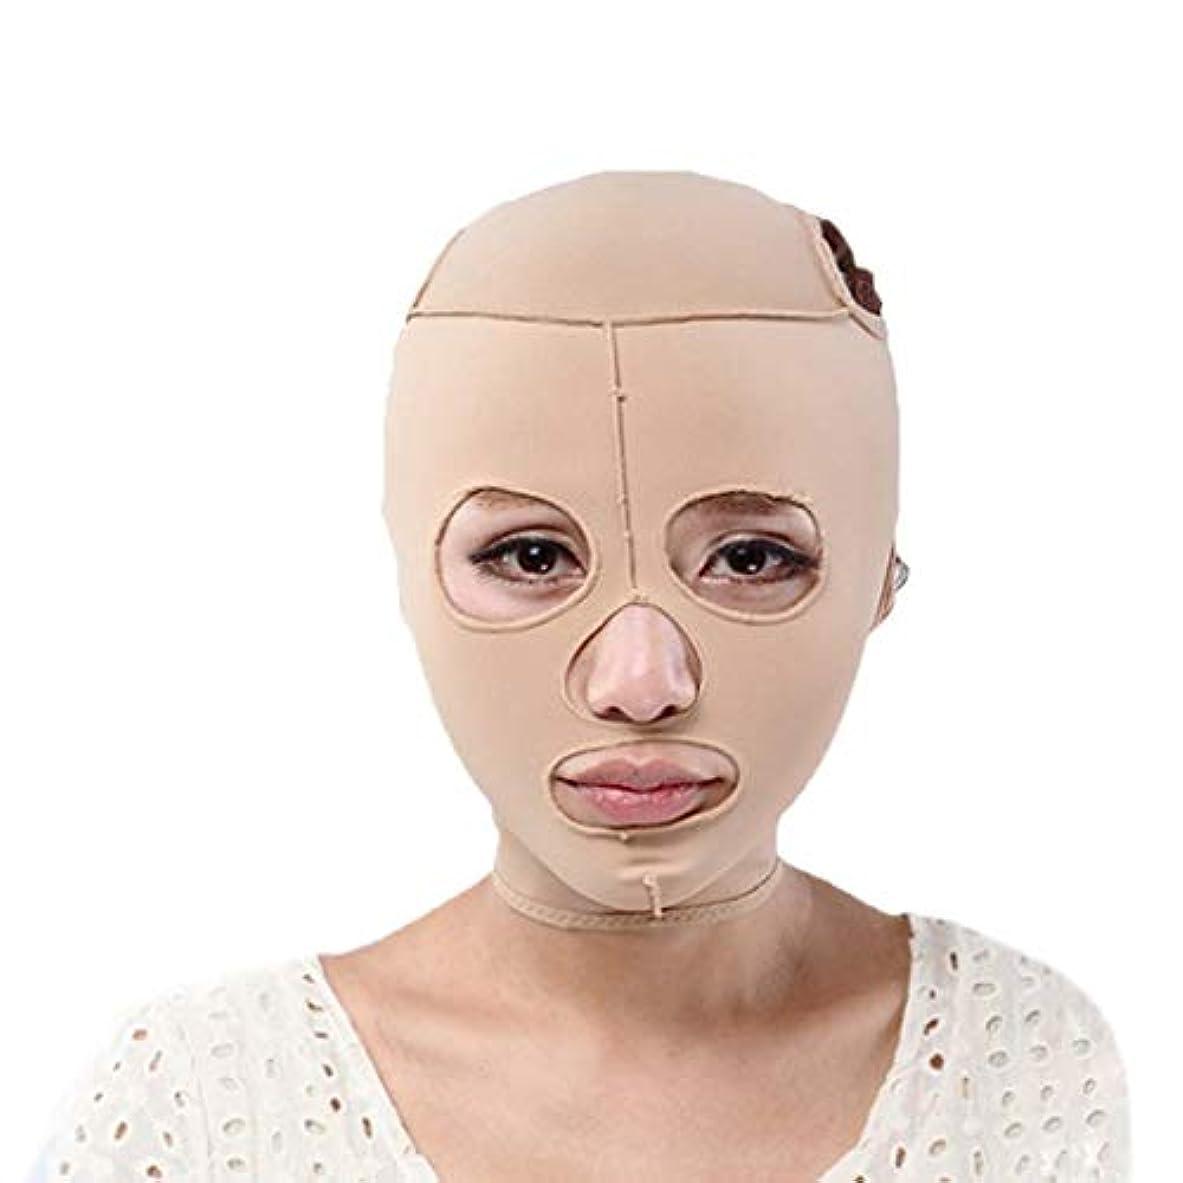 扱うなめる注意チンストラップ、顔の減量アンチシワマスク、快適な通気性マスク付きオールインクルーシブフェイス、薄型フェイスマスクリフティング包帯引き締め(サイズ:S),S